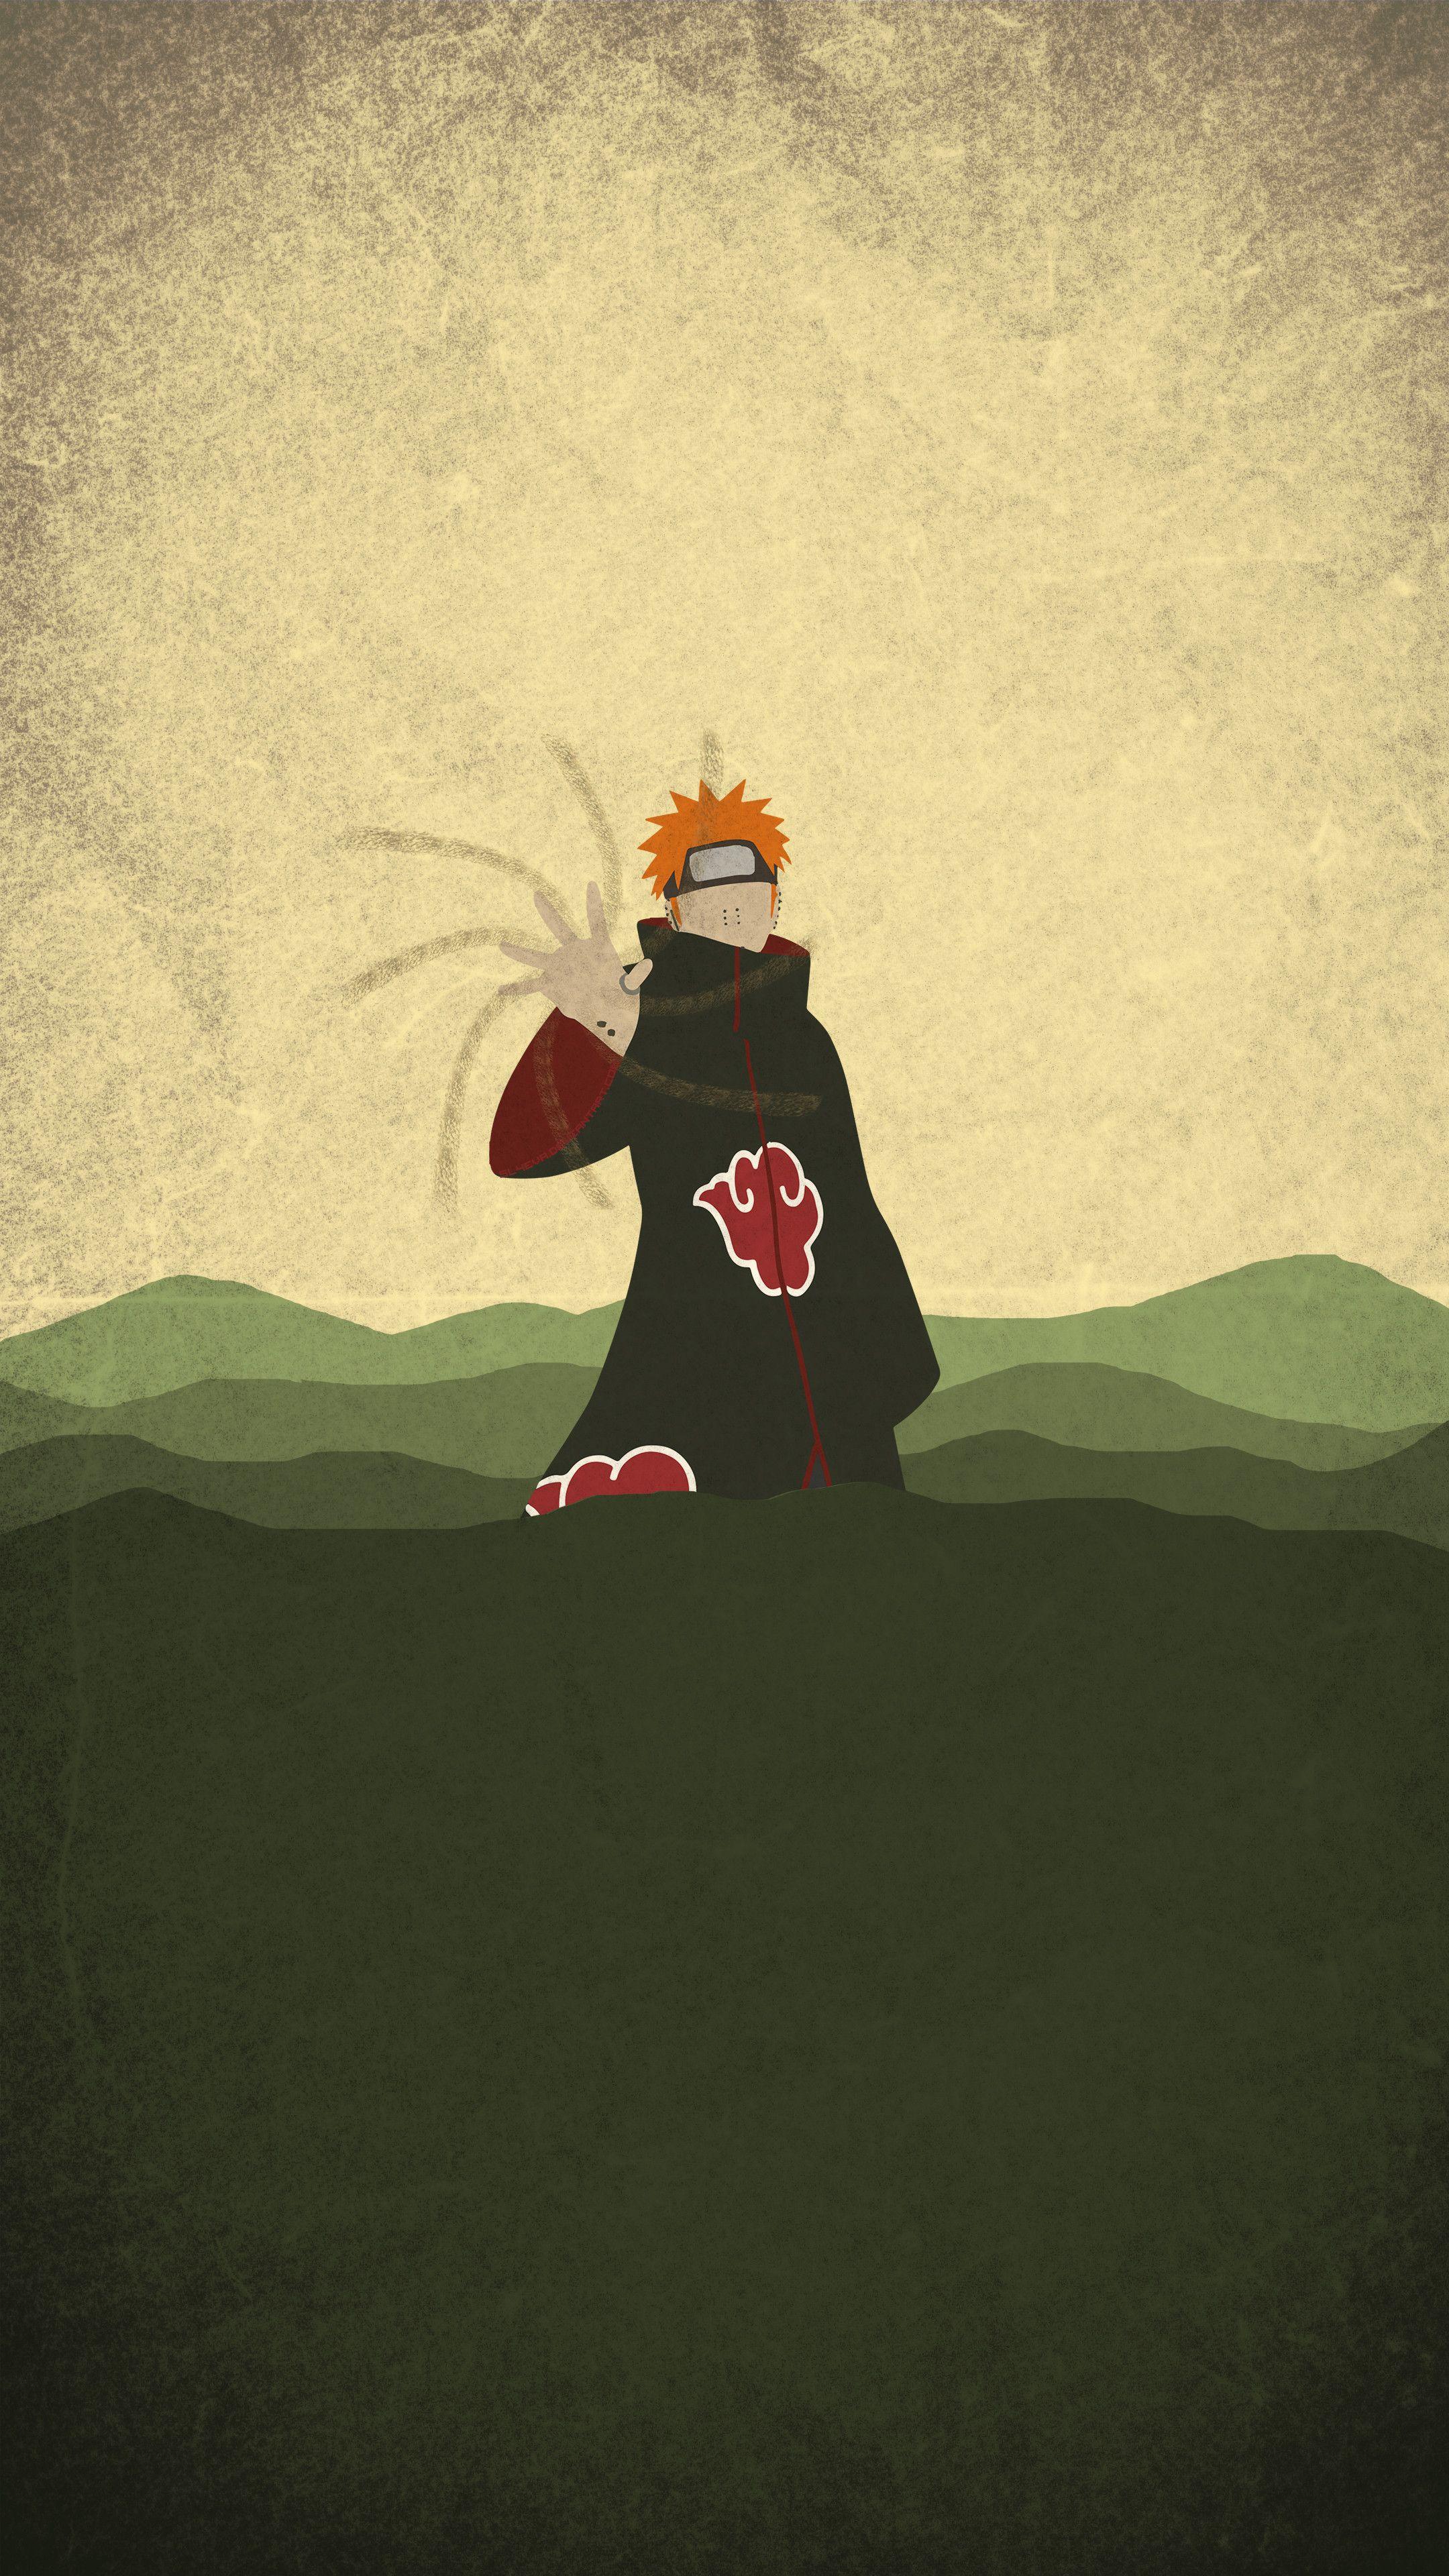 Cool Wallpaper Naruto Minimalistic - 7f6b210b7a6d233c2d978fbb562da5b4  Pic_64942.jpg